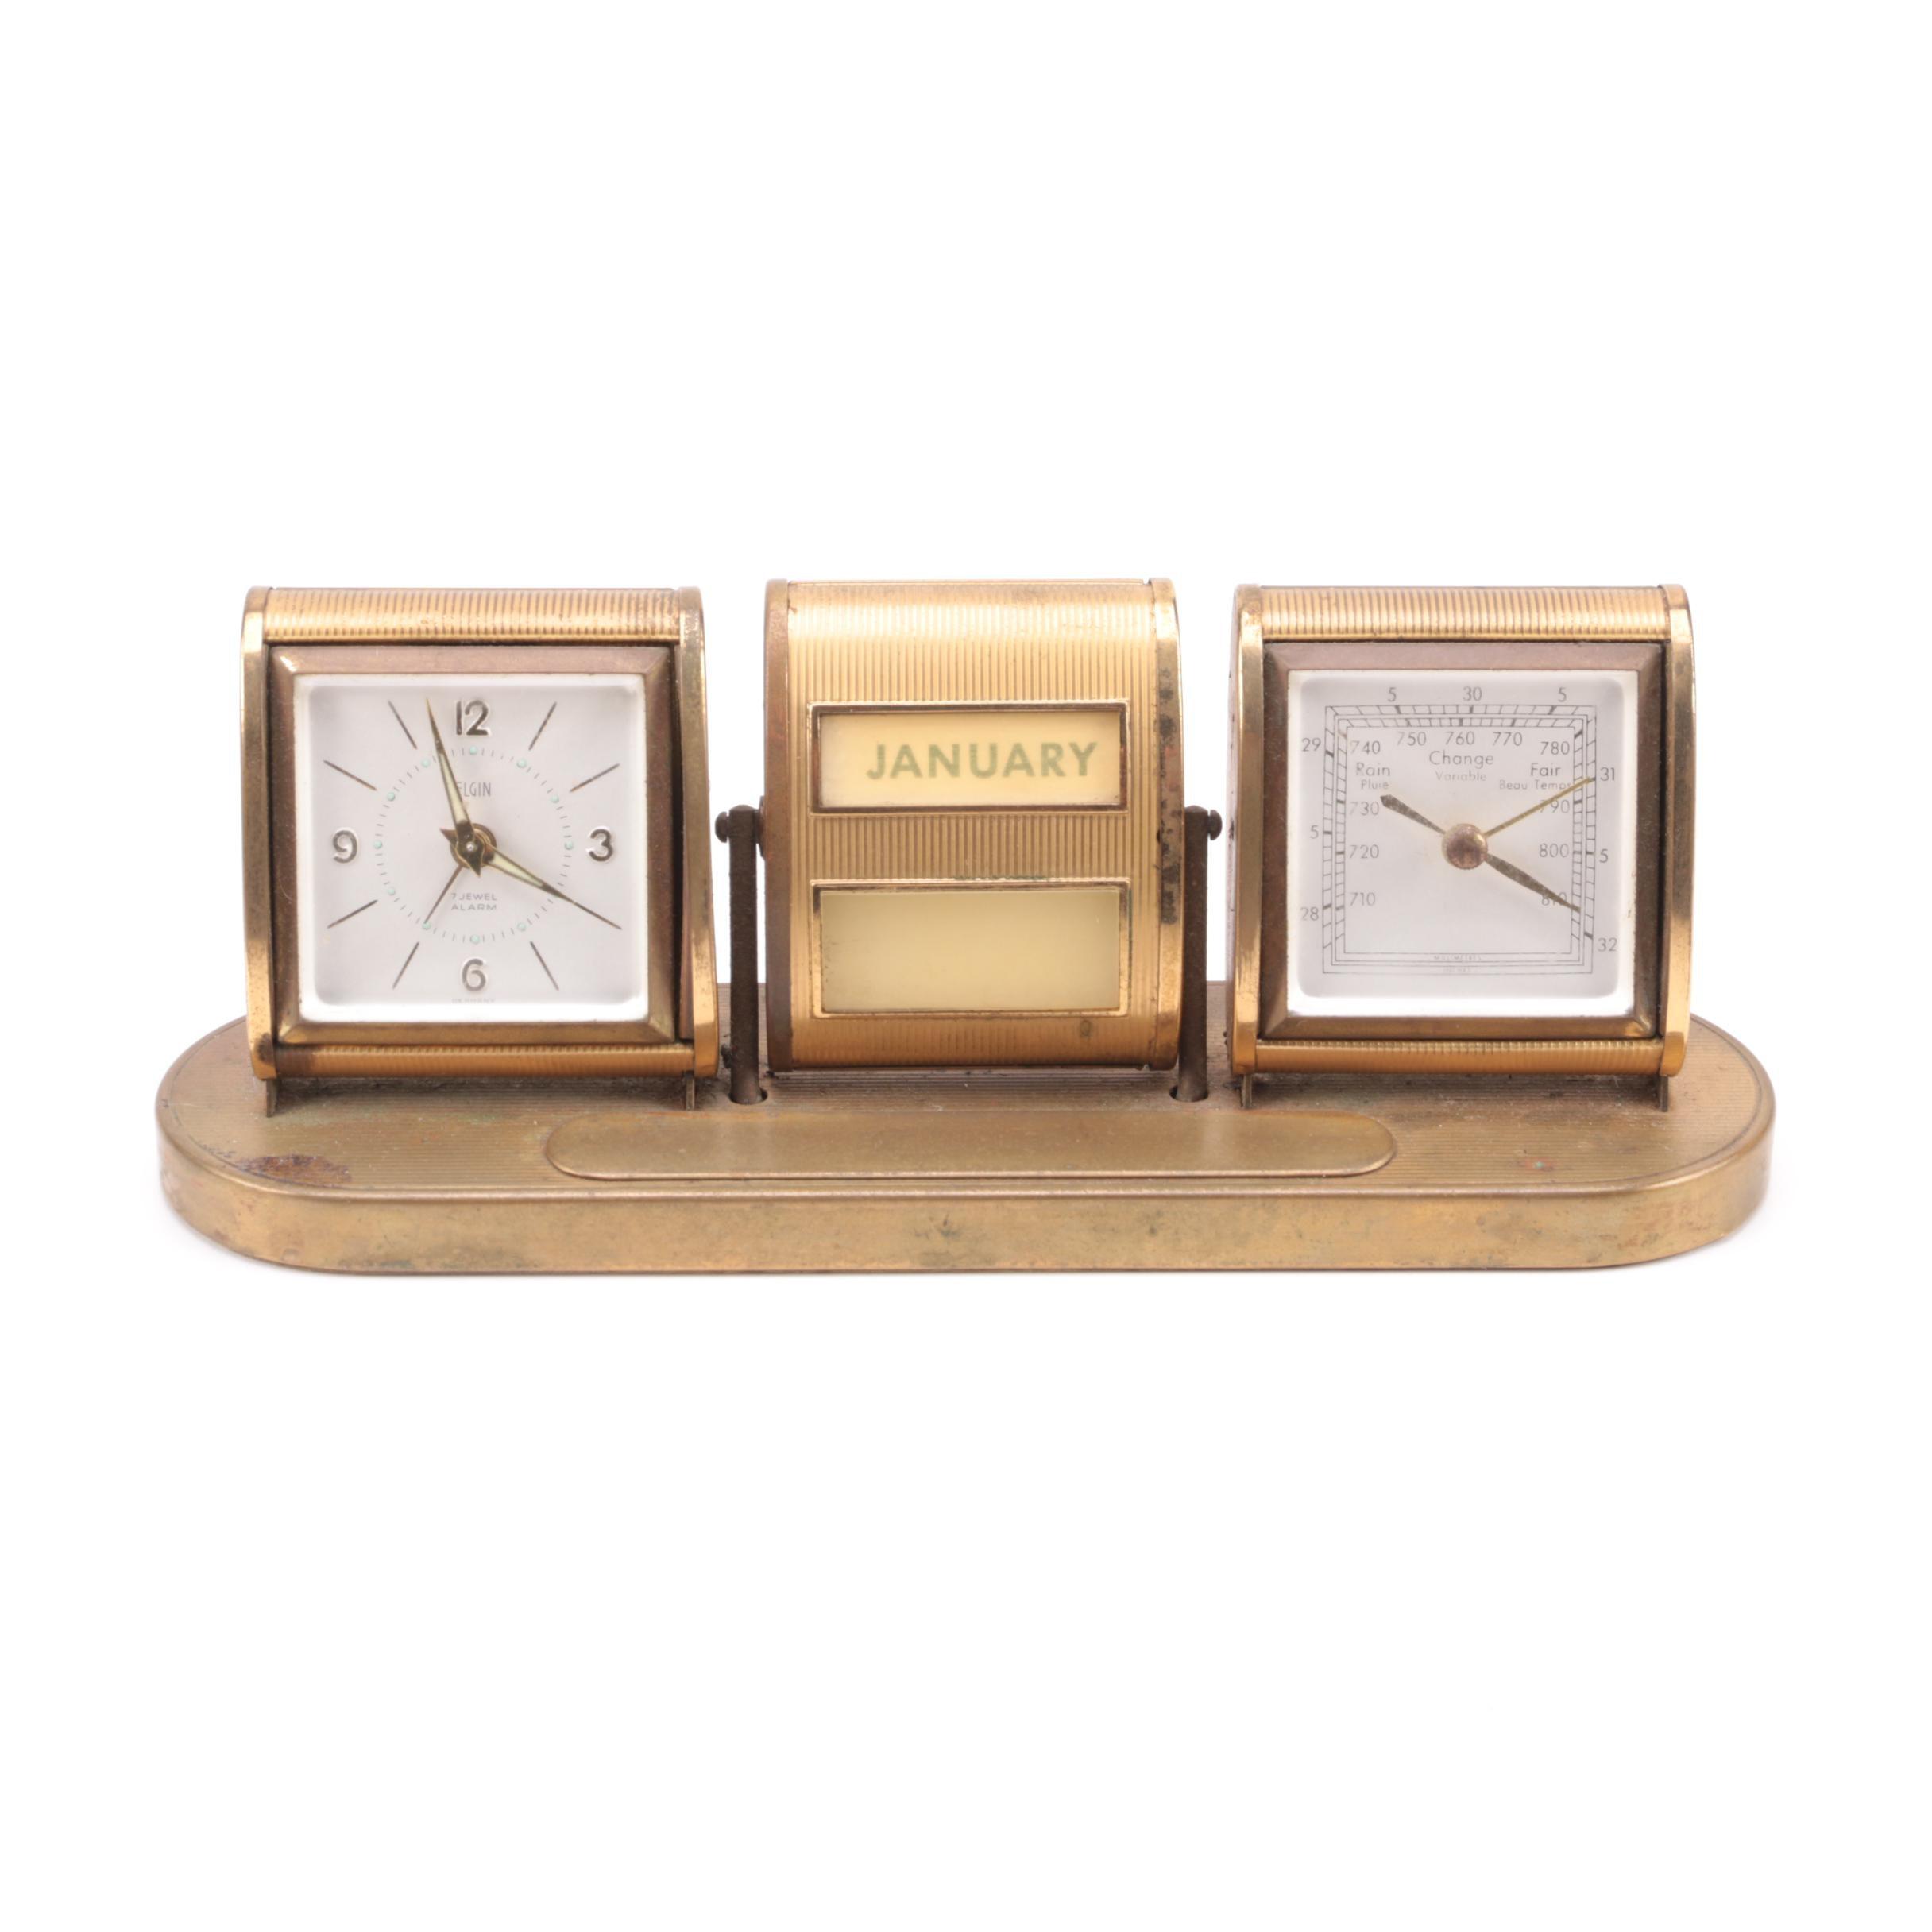 Vintage Elgin Desk Clock With Calendar and Barometer